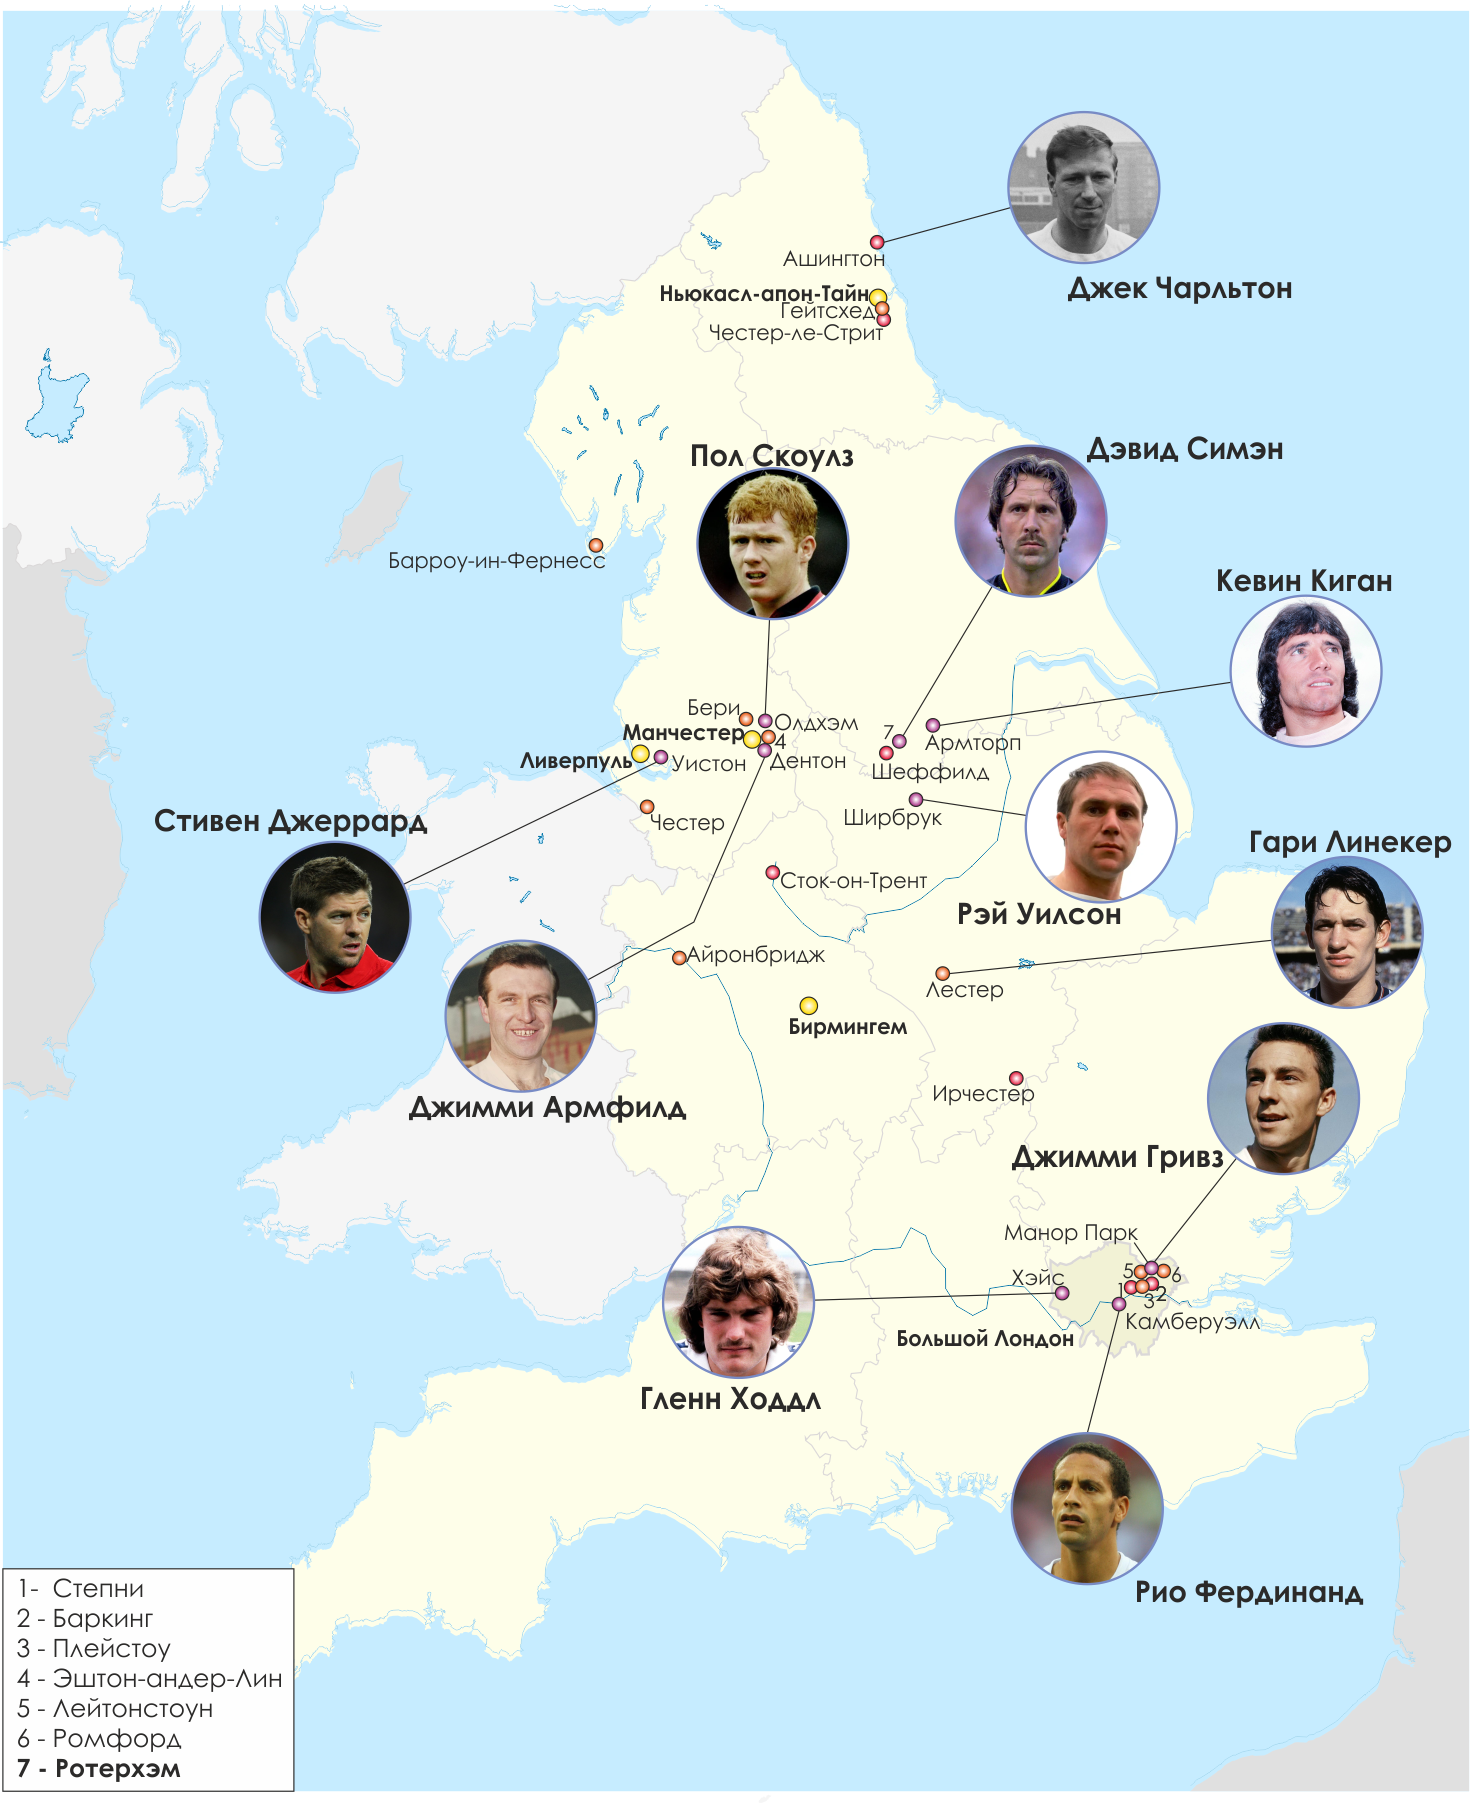 Лучшие английские футболисты всех времен, III часть